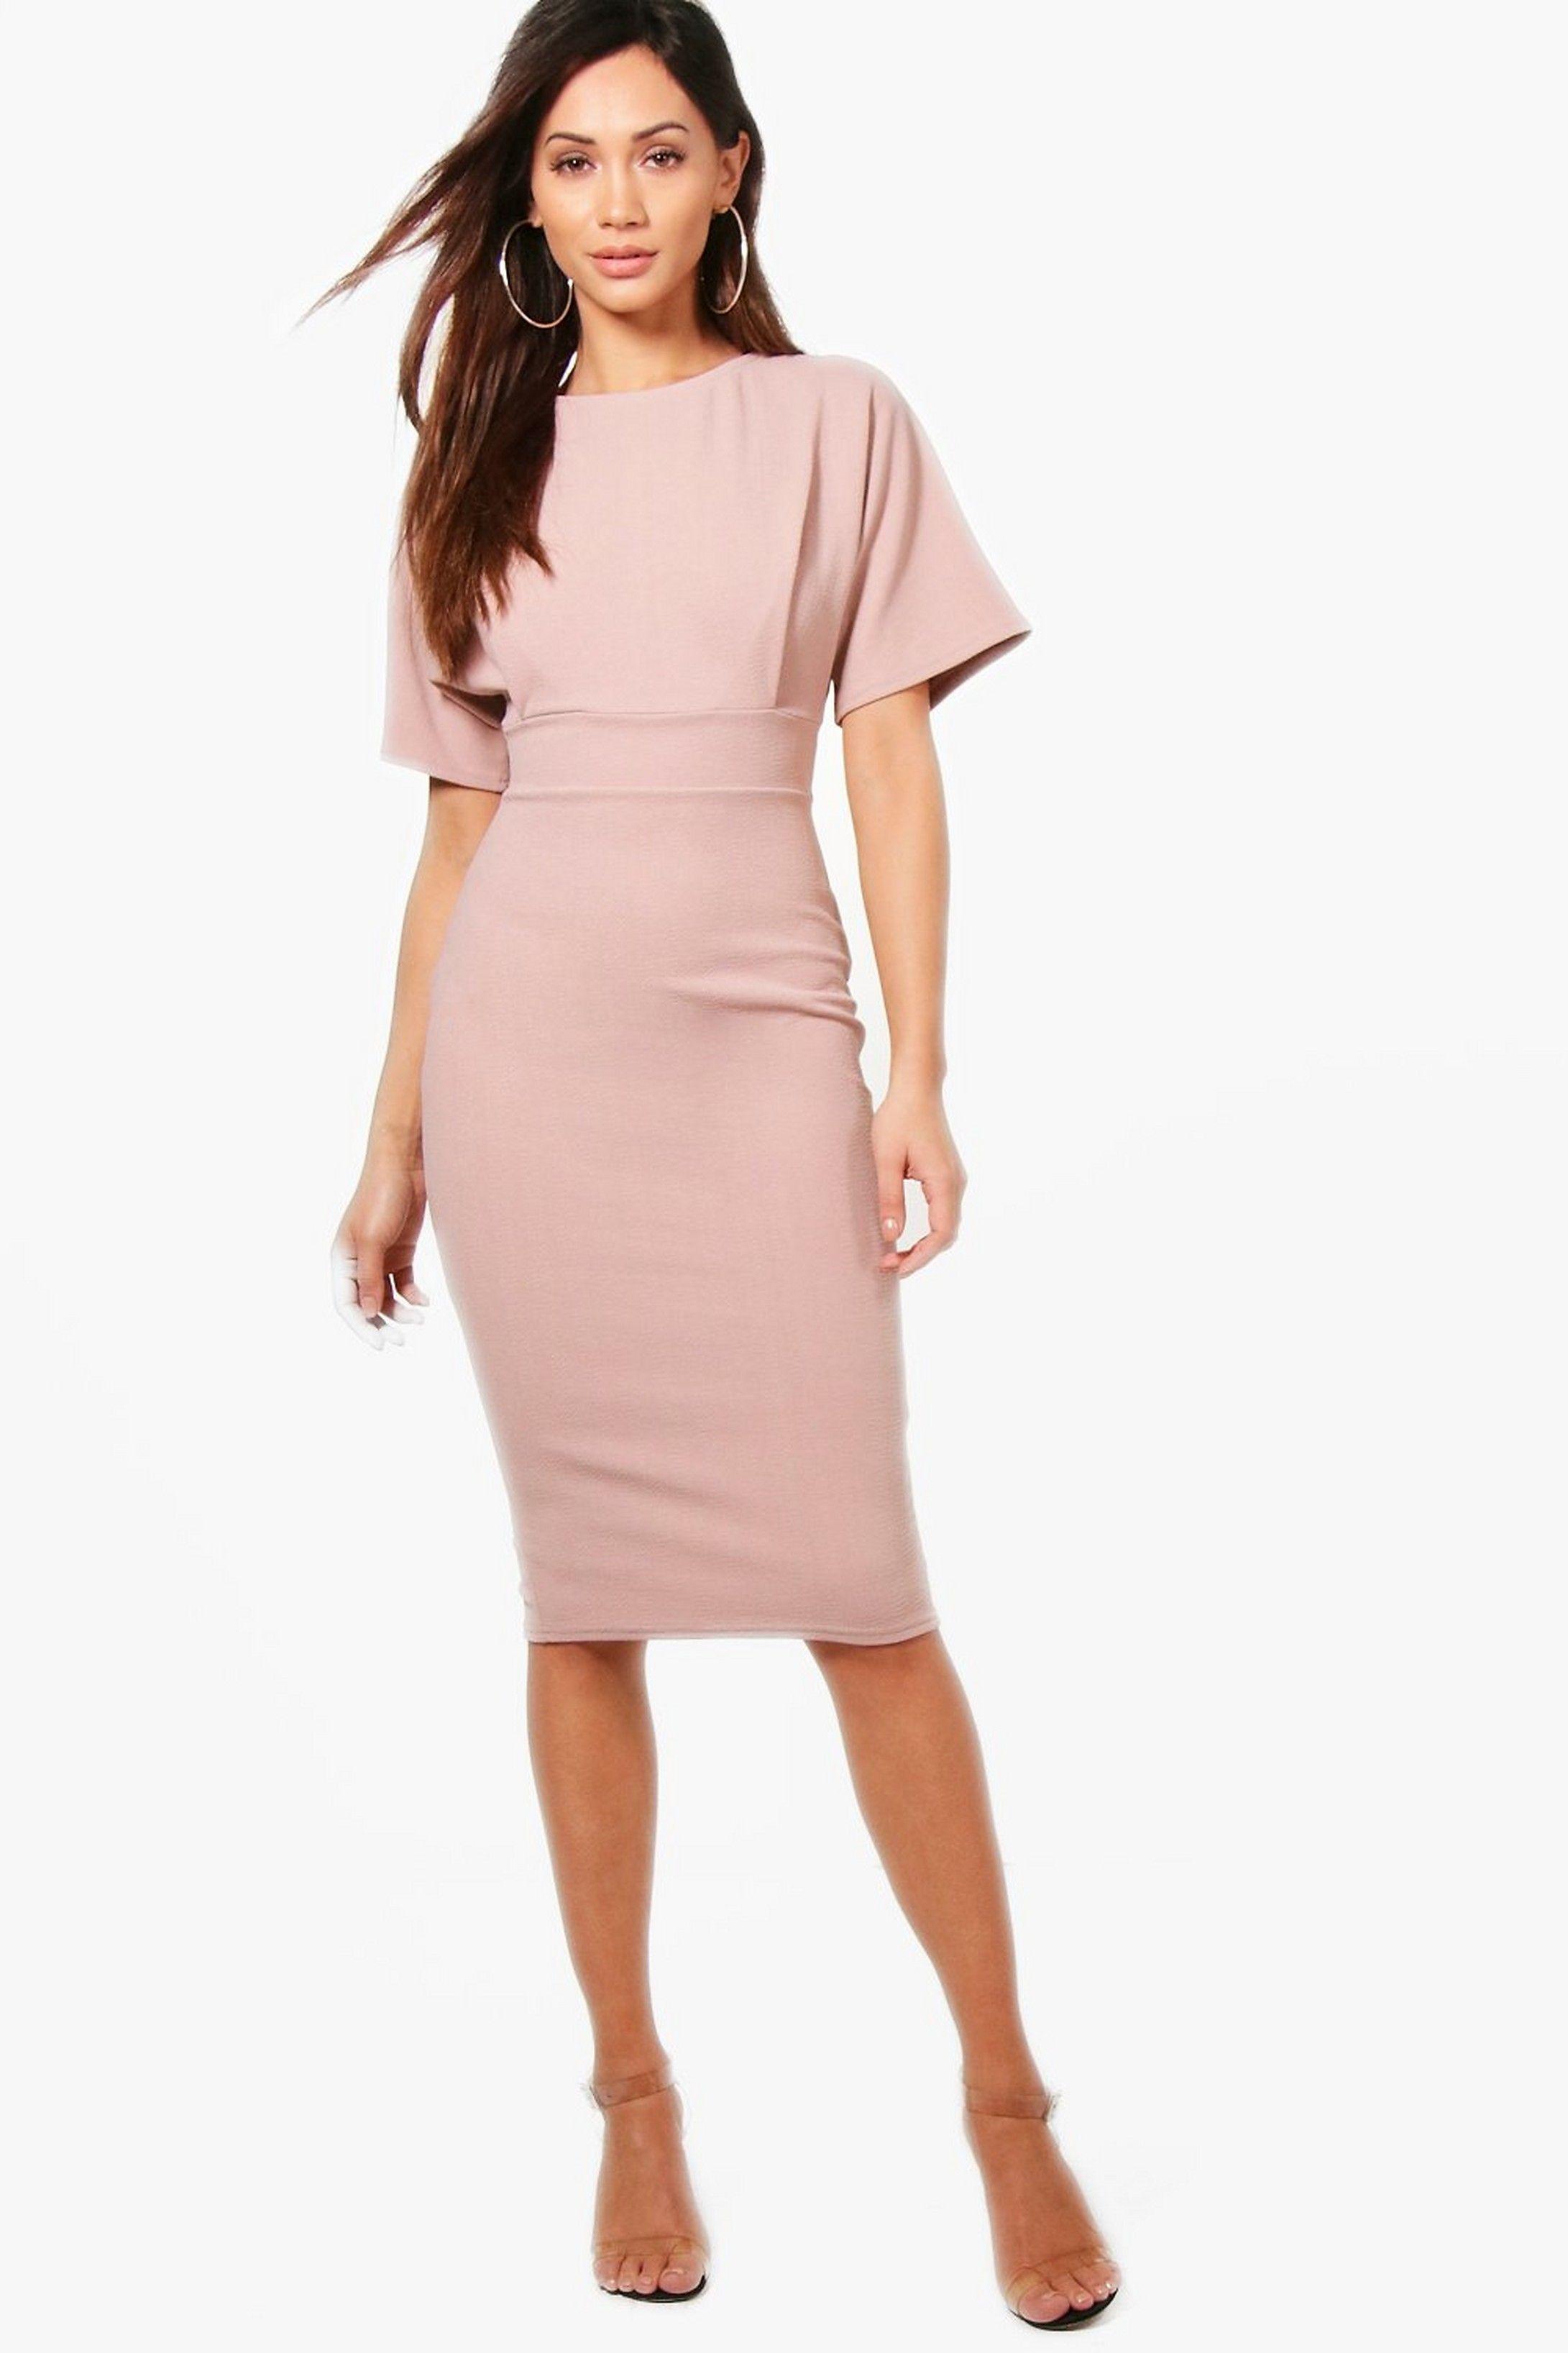 51d39daff Petite Tie Waist Formal Wiggle Midi Dress in 2019 | Dress skirt ...